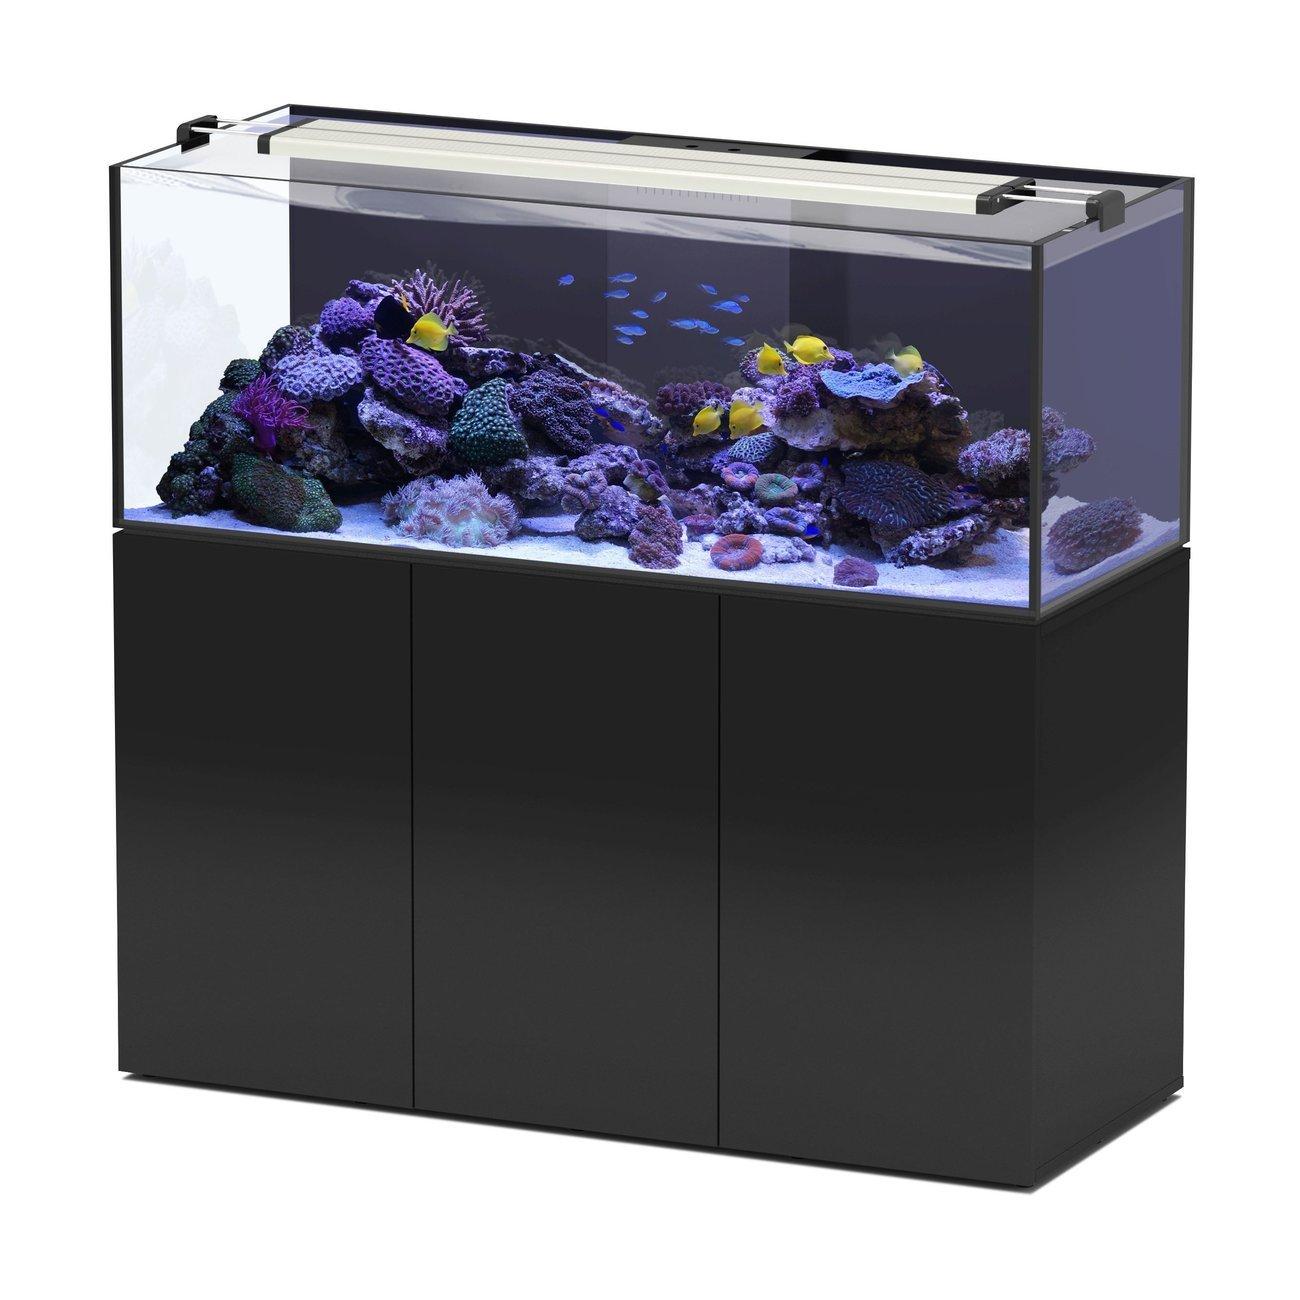 Aquatlantis AquaView 150 mit Unterschrank, Bild 3